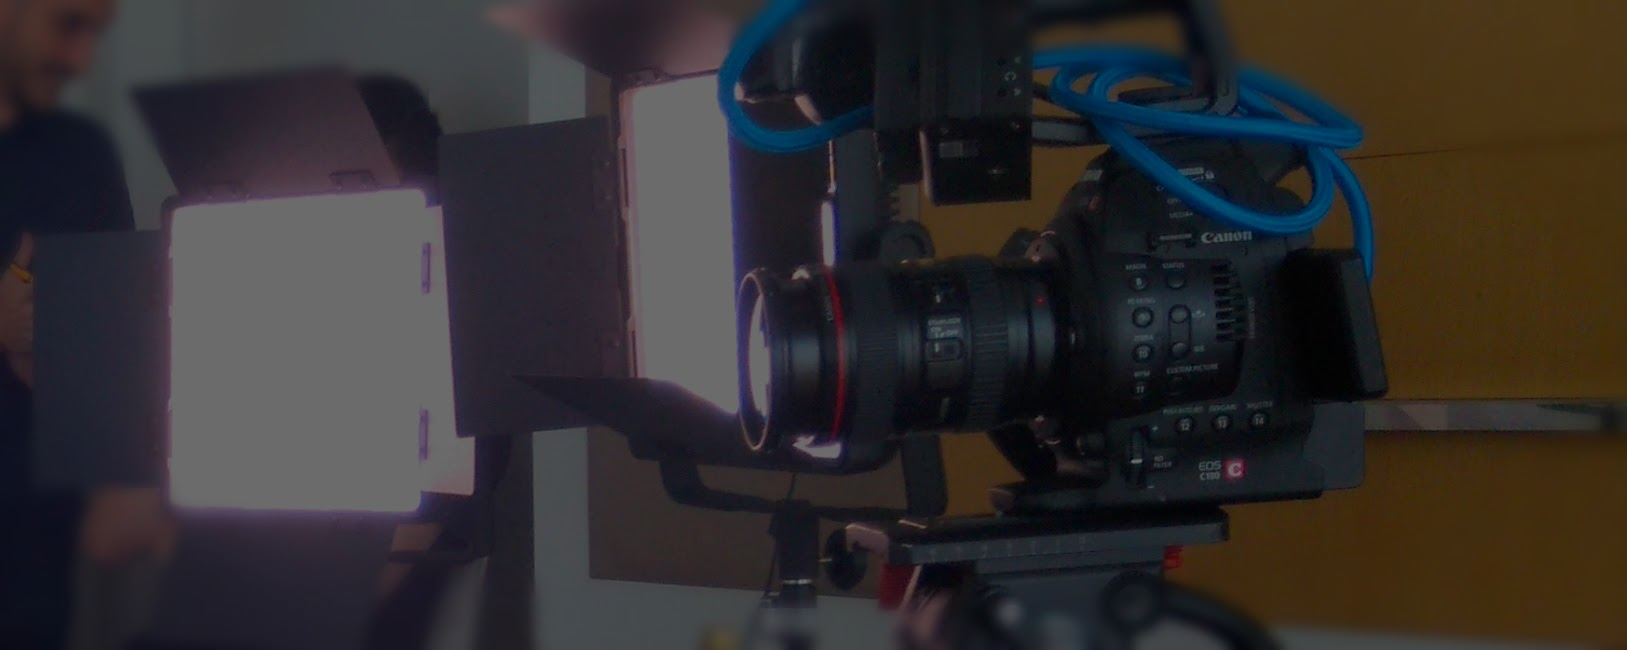 Receta para un buen vídeo profesional